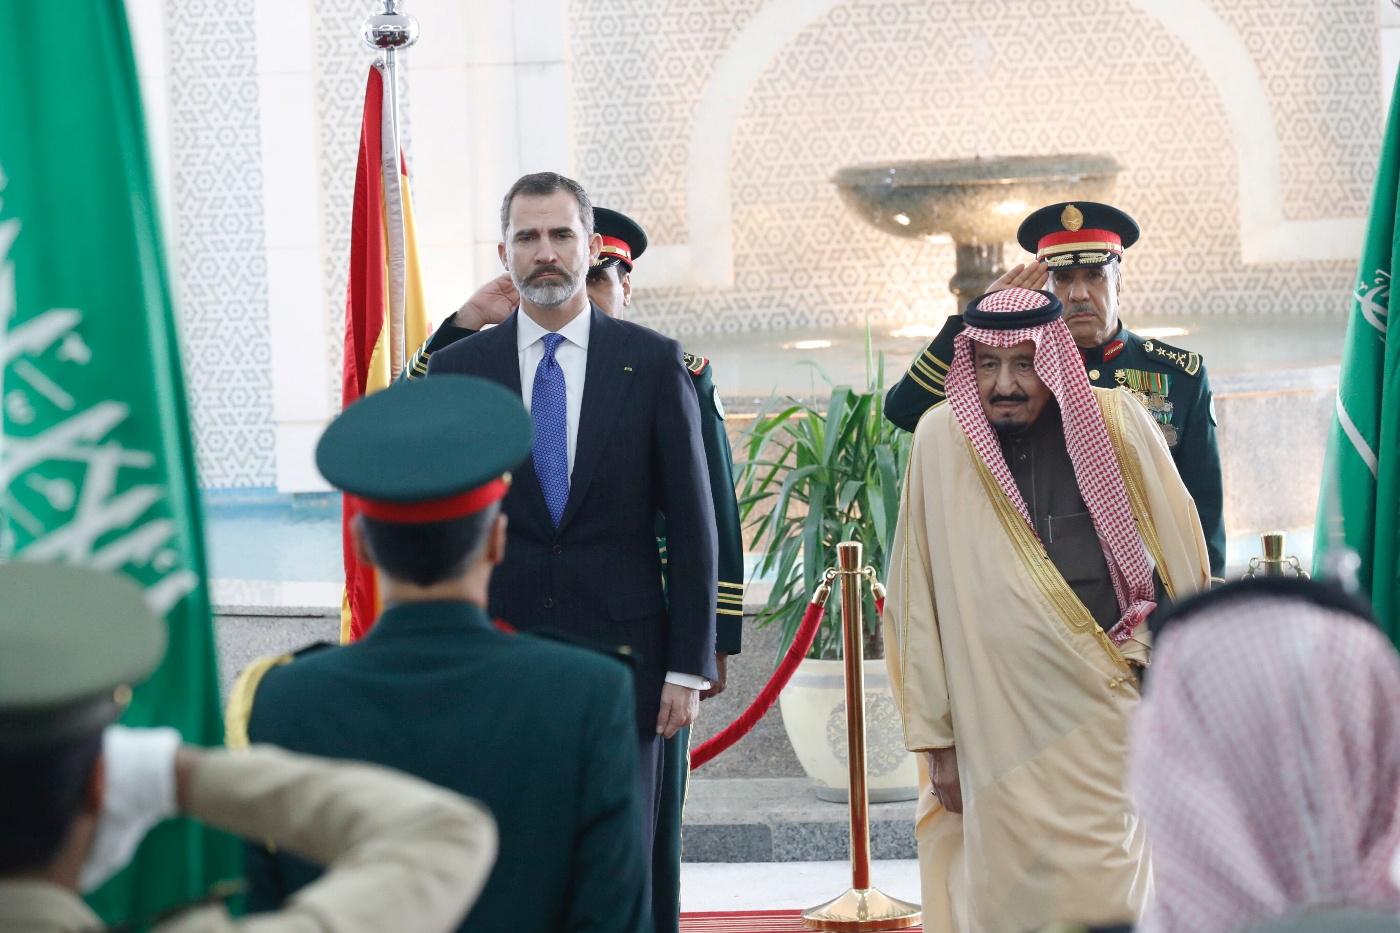 Felip VI I Bin Abdulaziz Al-Saud durant la visita del monarca espanyol a Aràbia Saudita aquest gener/ CASA REIAL